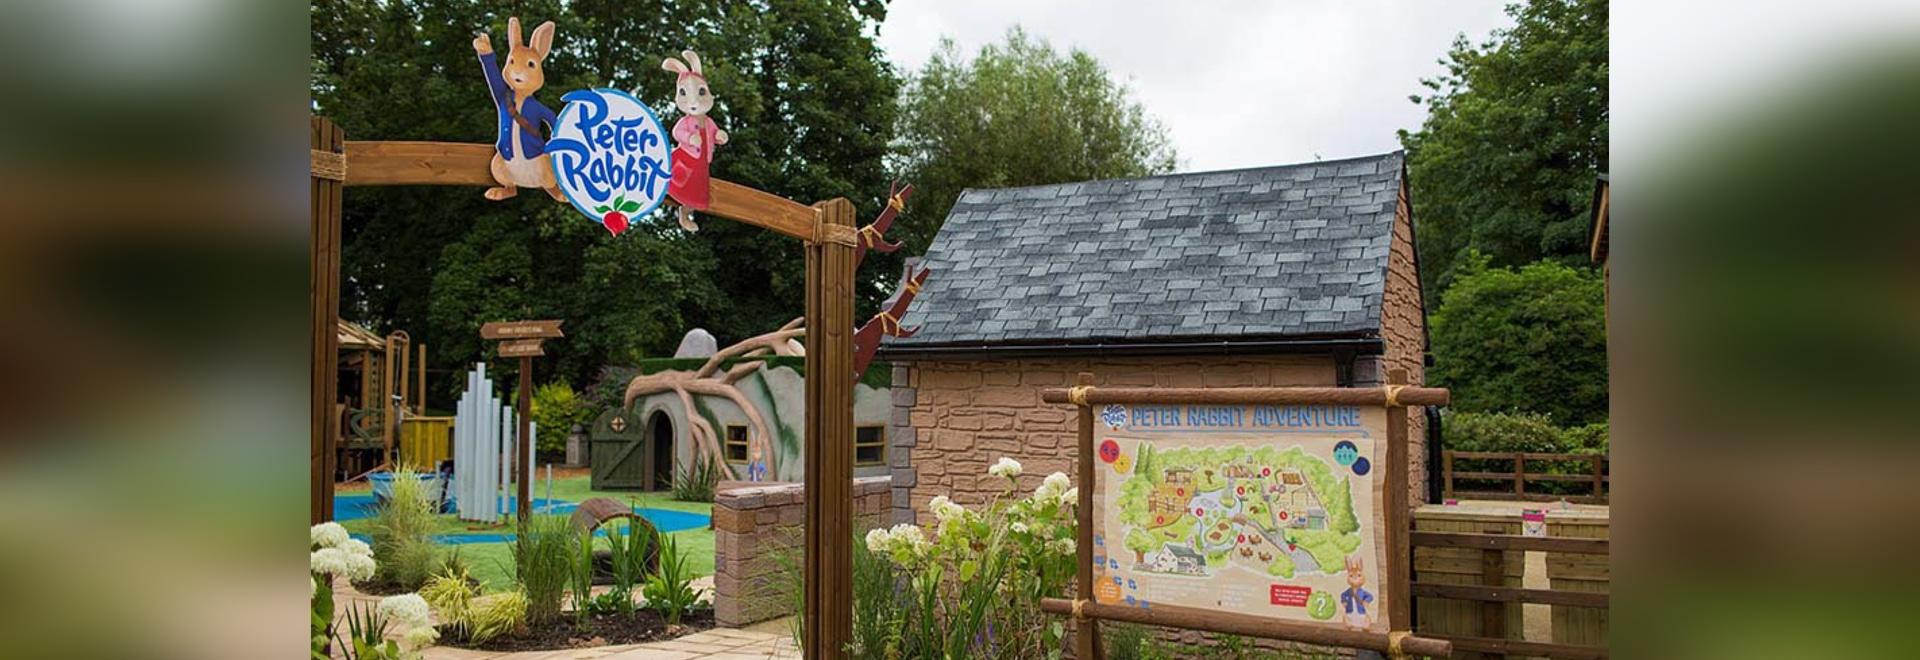 Peter Rabbit kommt in einem zweiten Freizeitpark im Vereinigten Königreich an